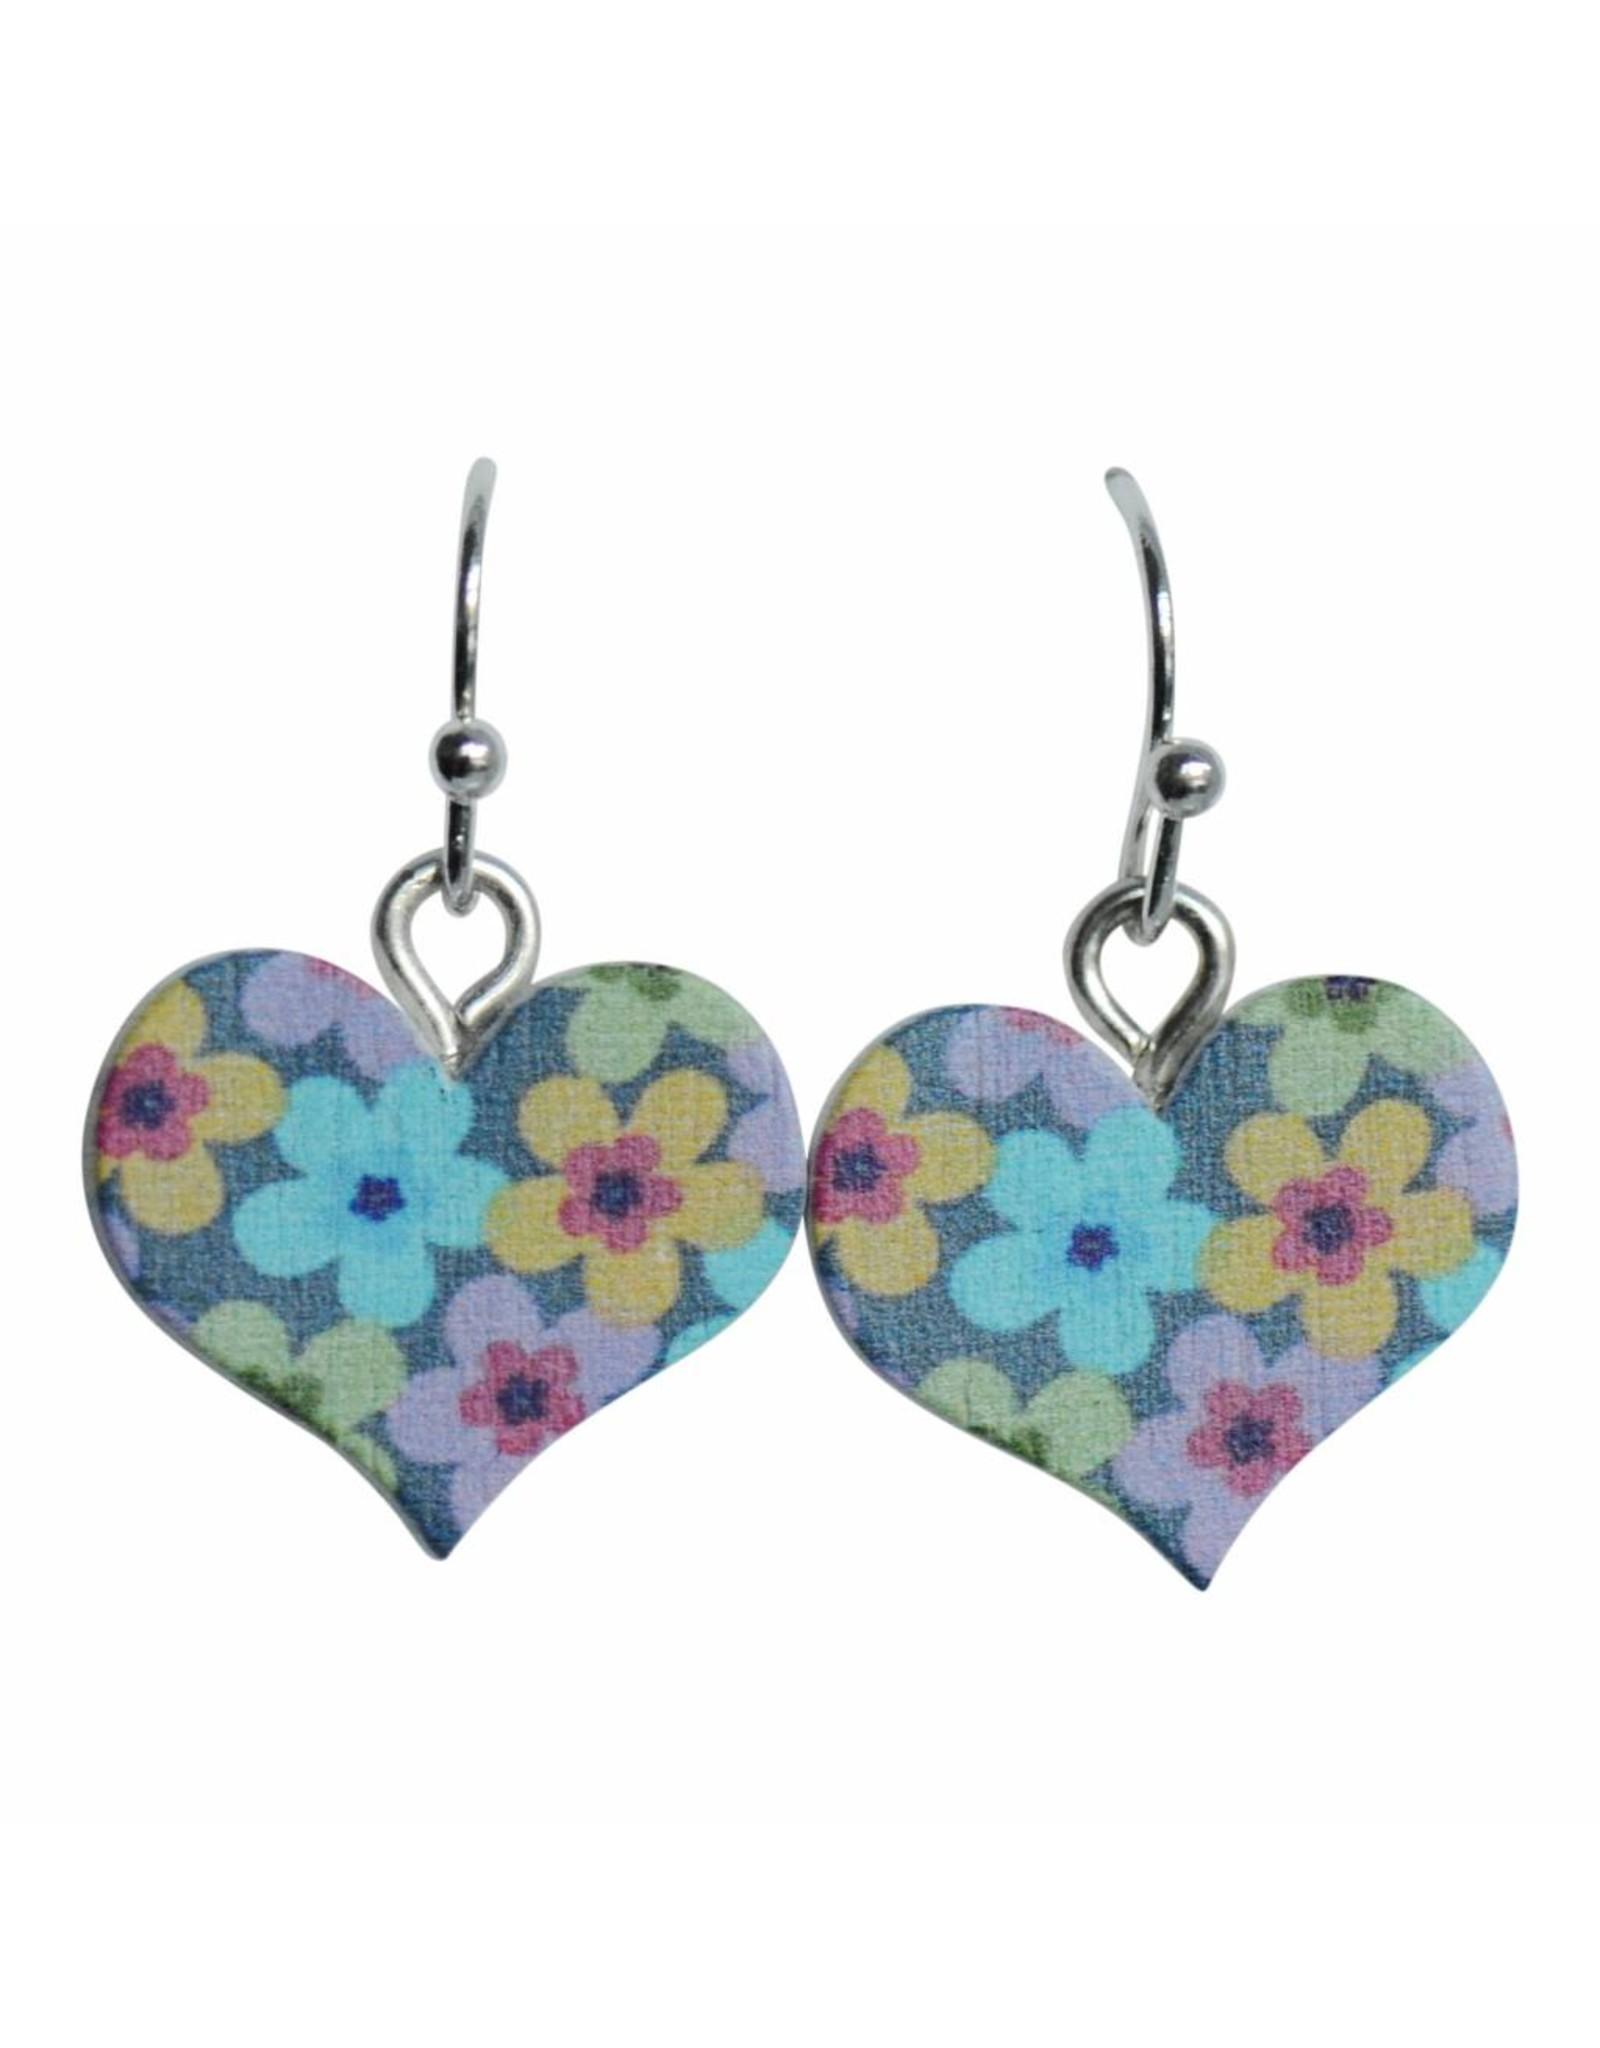 oorbEllen hout hangertjes bloem hartje